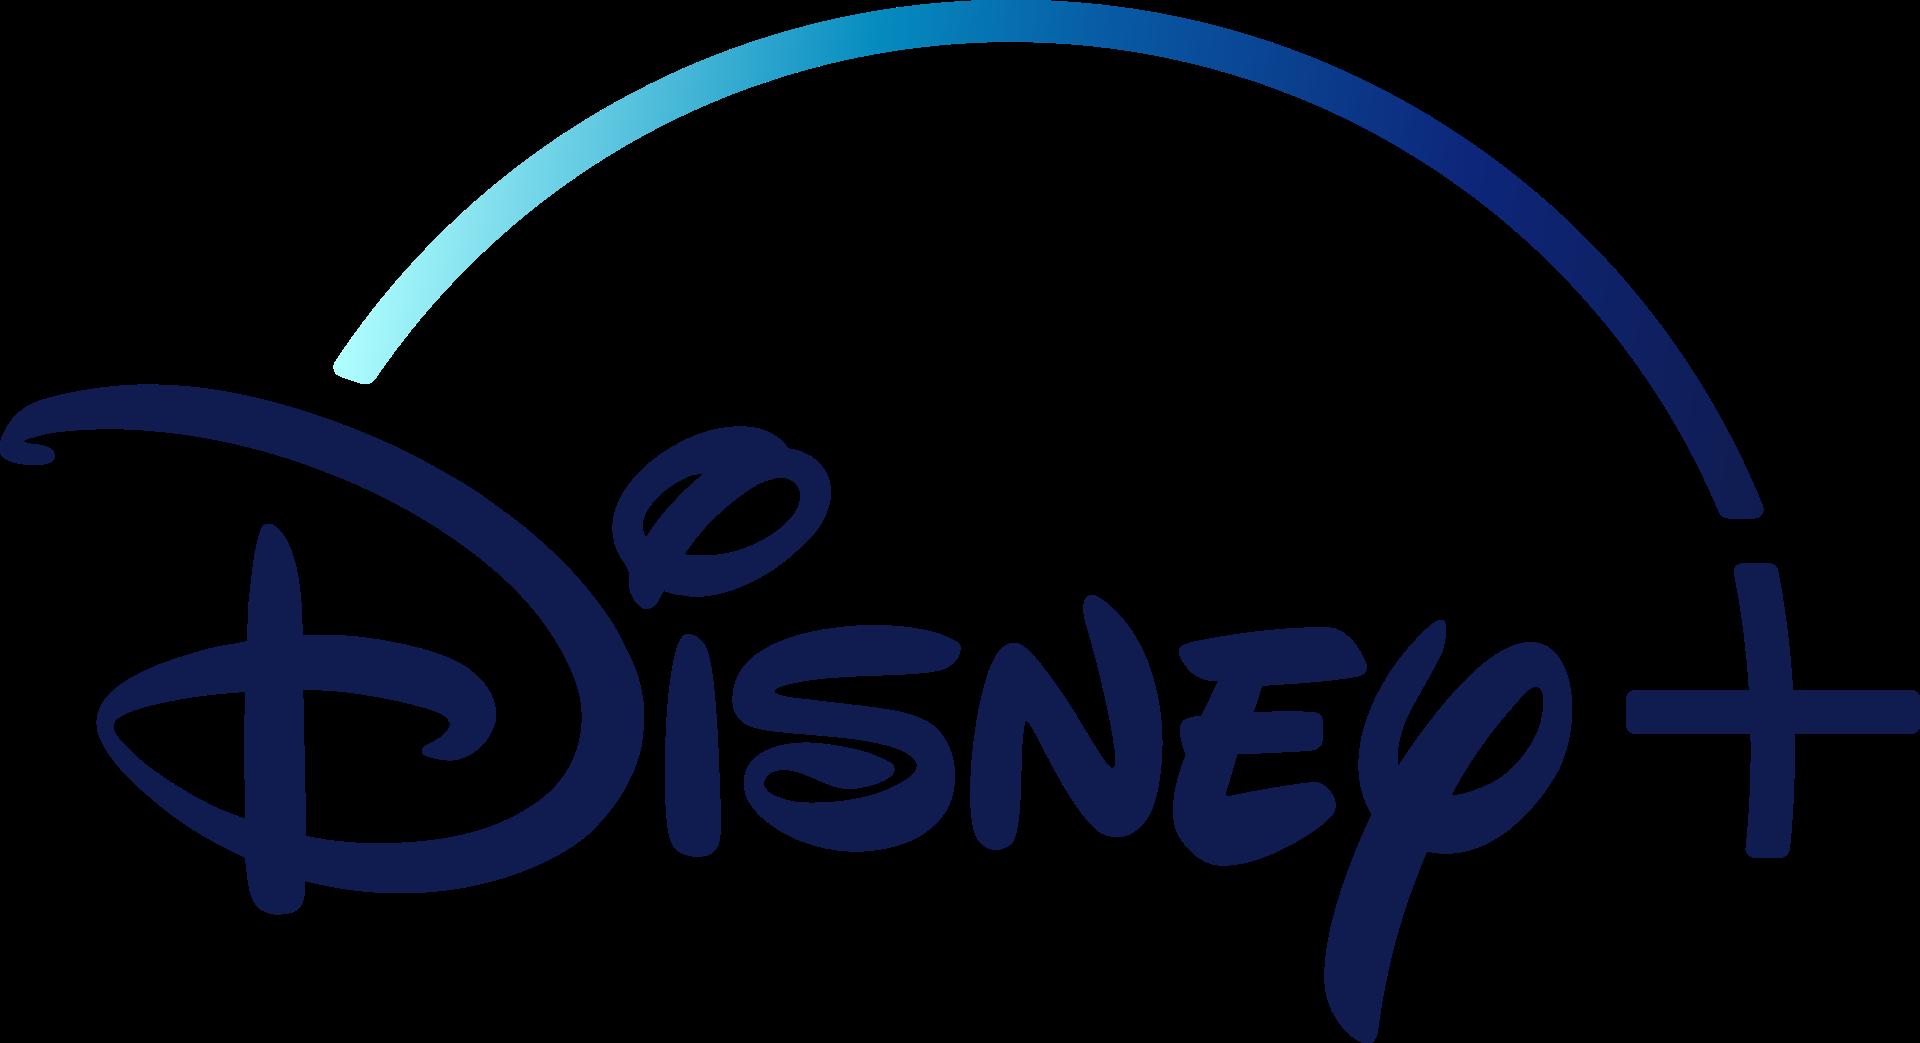 Disney+ ya está aquí: pruébalo gratis durante 7 días. Después, 6,99 euros al mes o 69,99 euros la suscripción anual.